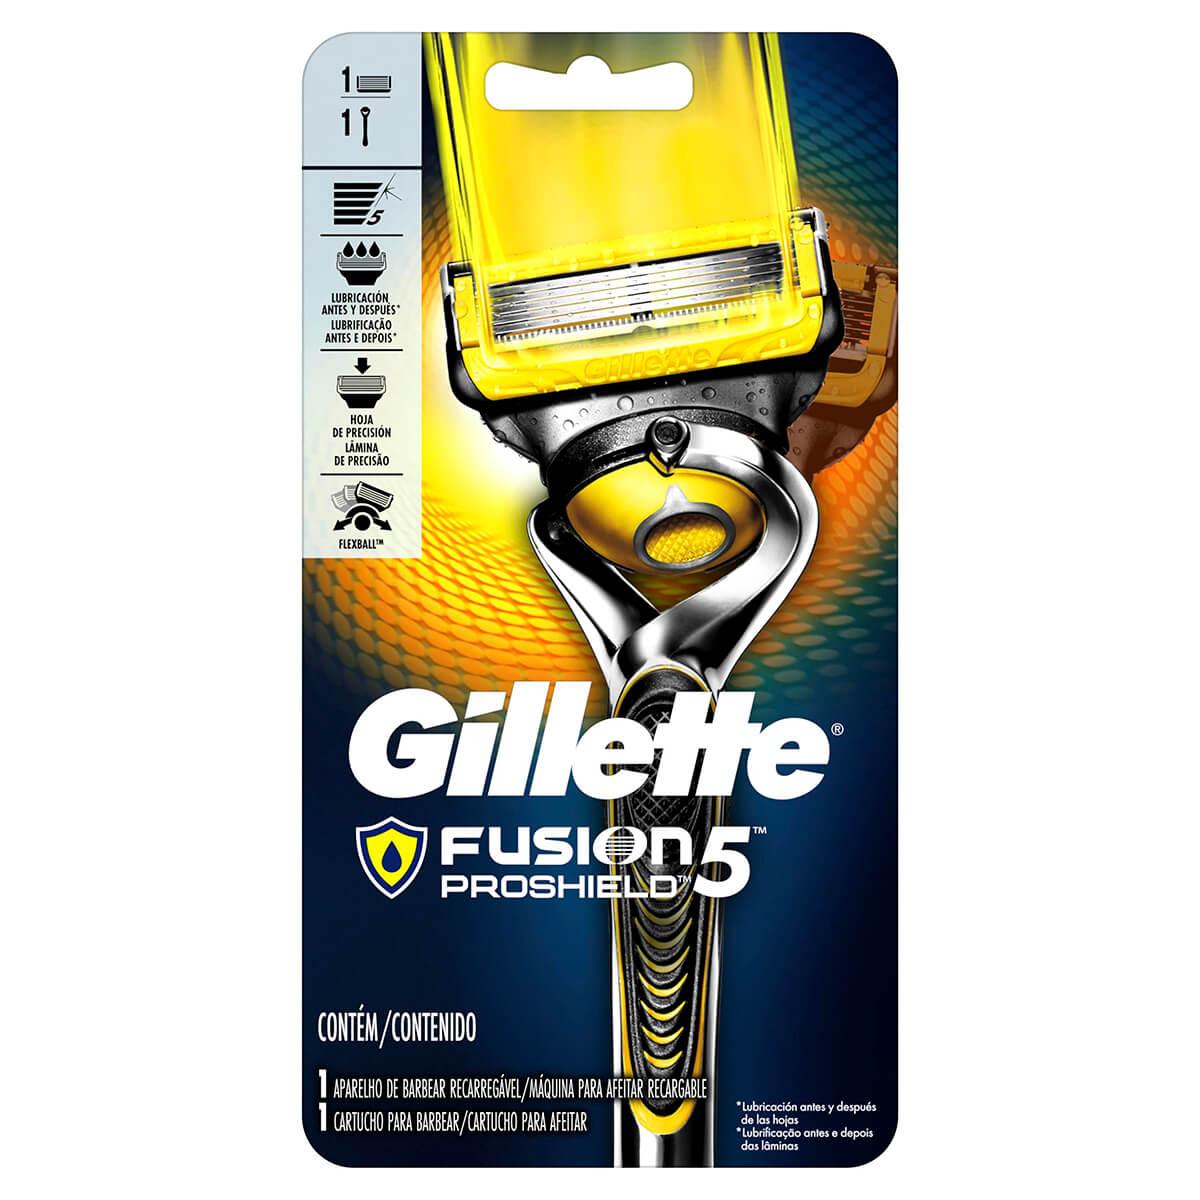 Aparelho de Barbear Gillette Fusion Proshield com 1 unidade 1 Unidade